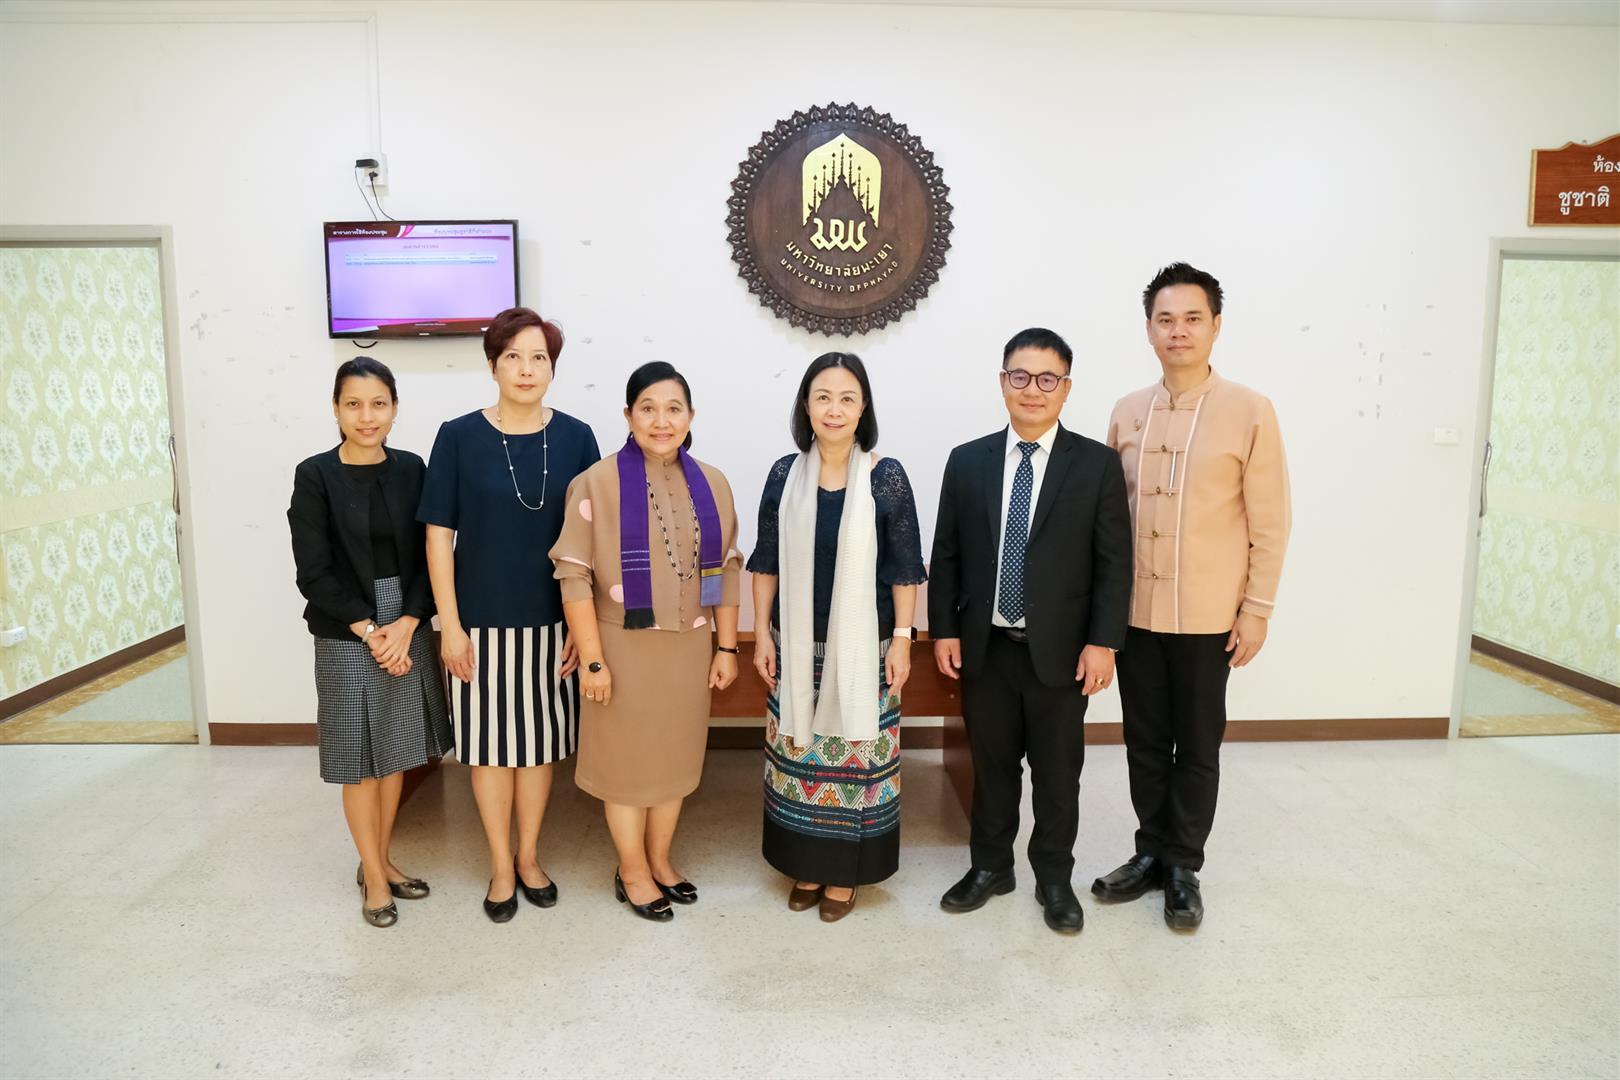 มหาวิทยาลัยพะเยา ต้อนรับคณะกรรมการดำเนินโครงการพระราชทานความช่วยเหลือแก่ราชอาณาจักรกัมพูชา (ด้านการศึกษา) ในโอกาสมาเยี่ยมเยือนนักเรียนทุนพระราชทาน ฯ